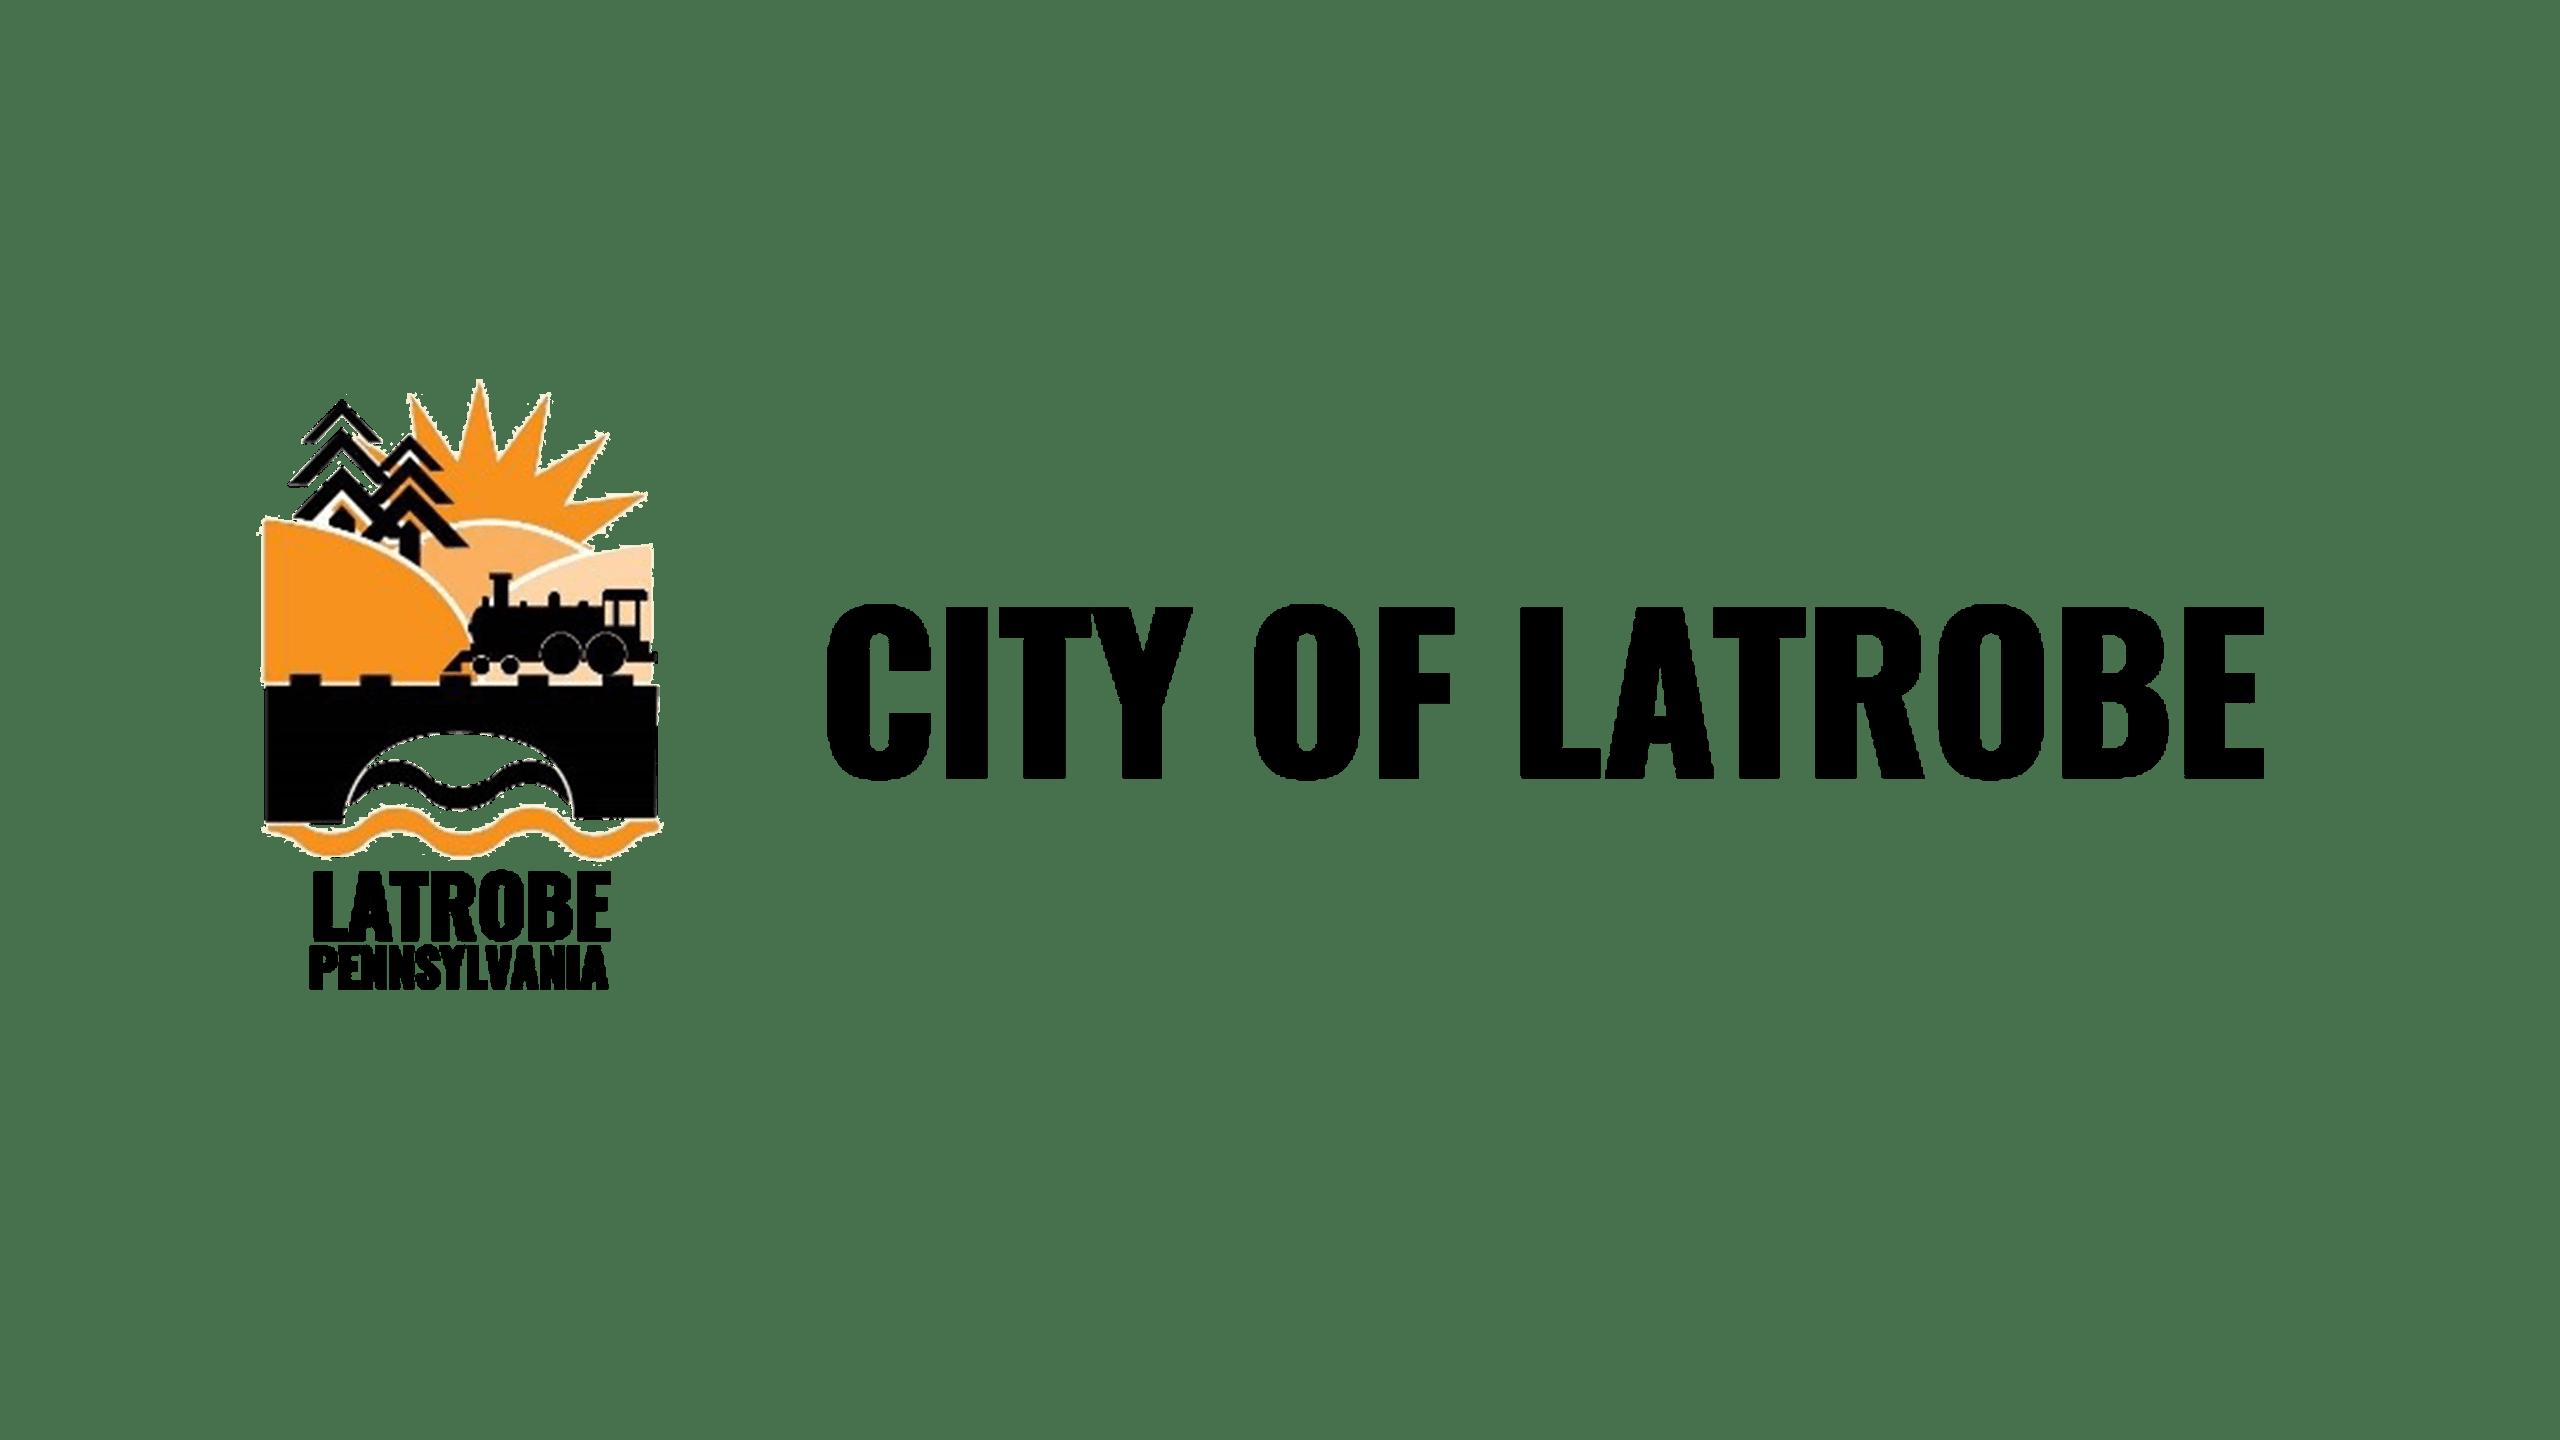 LATROBE COMMUNITY DAYS